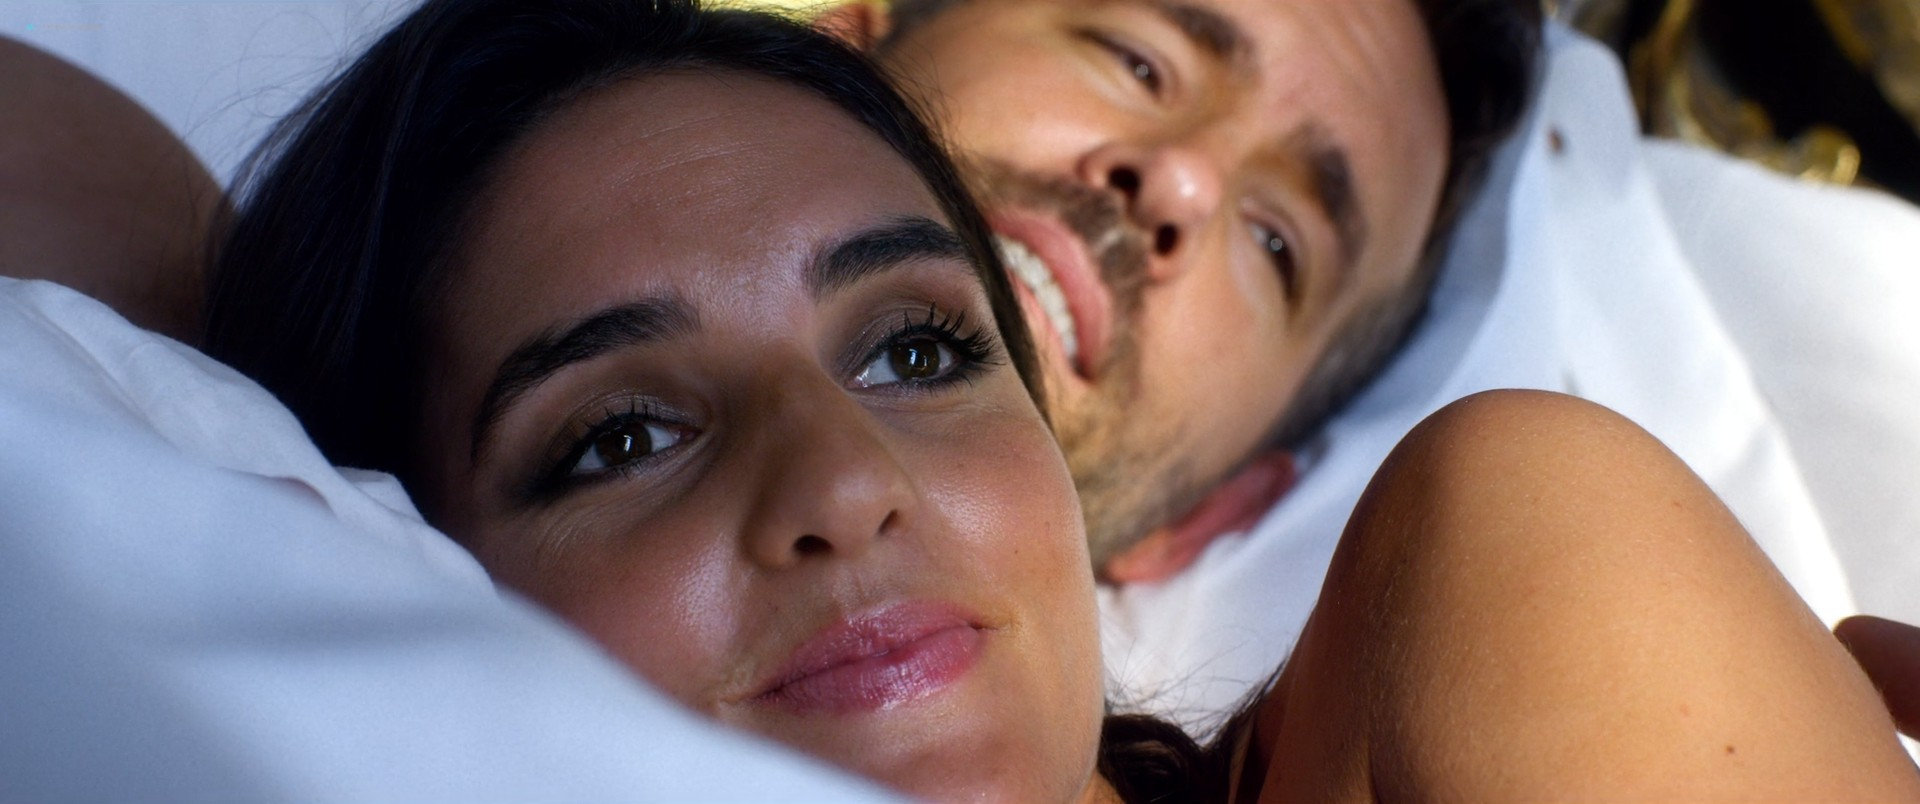 Adria Arjona hot and sex Melanie Laurent hot sex too - 6 Underground (2019) HD 1080p WEB (13)